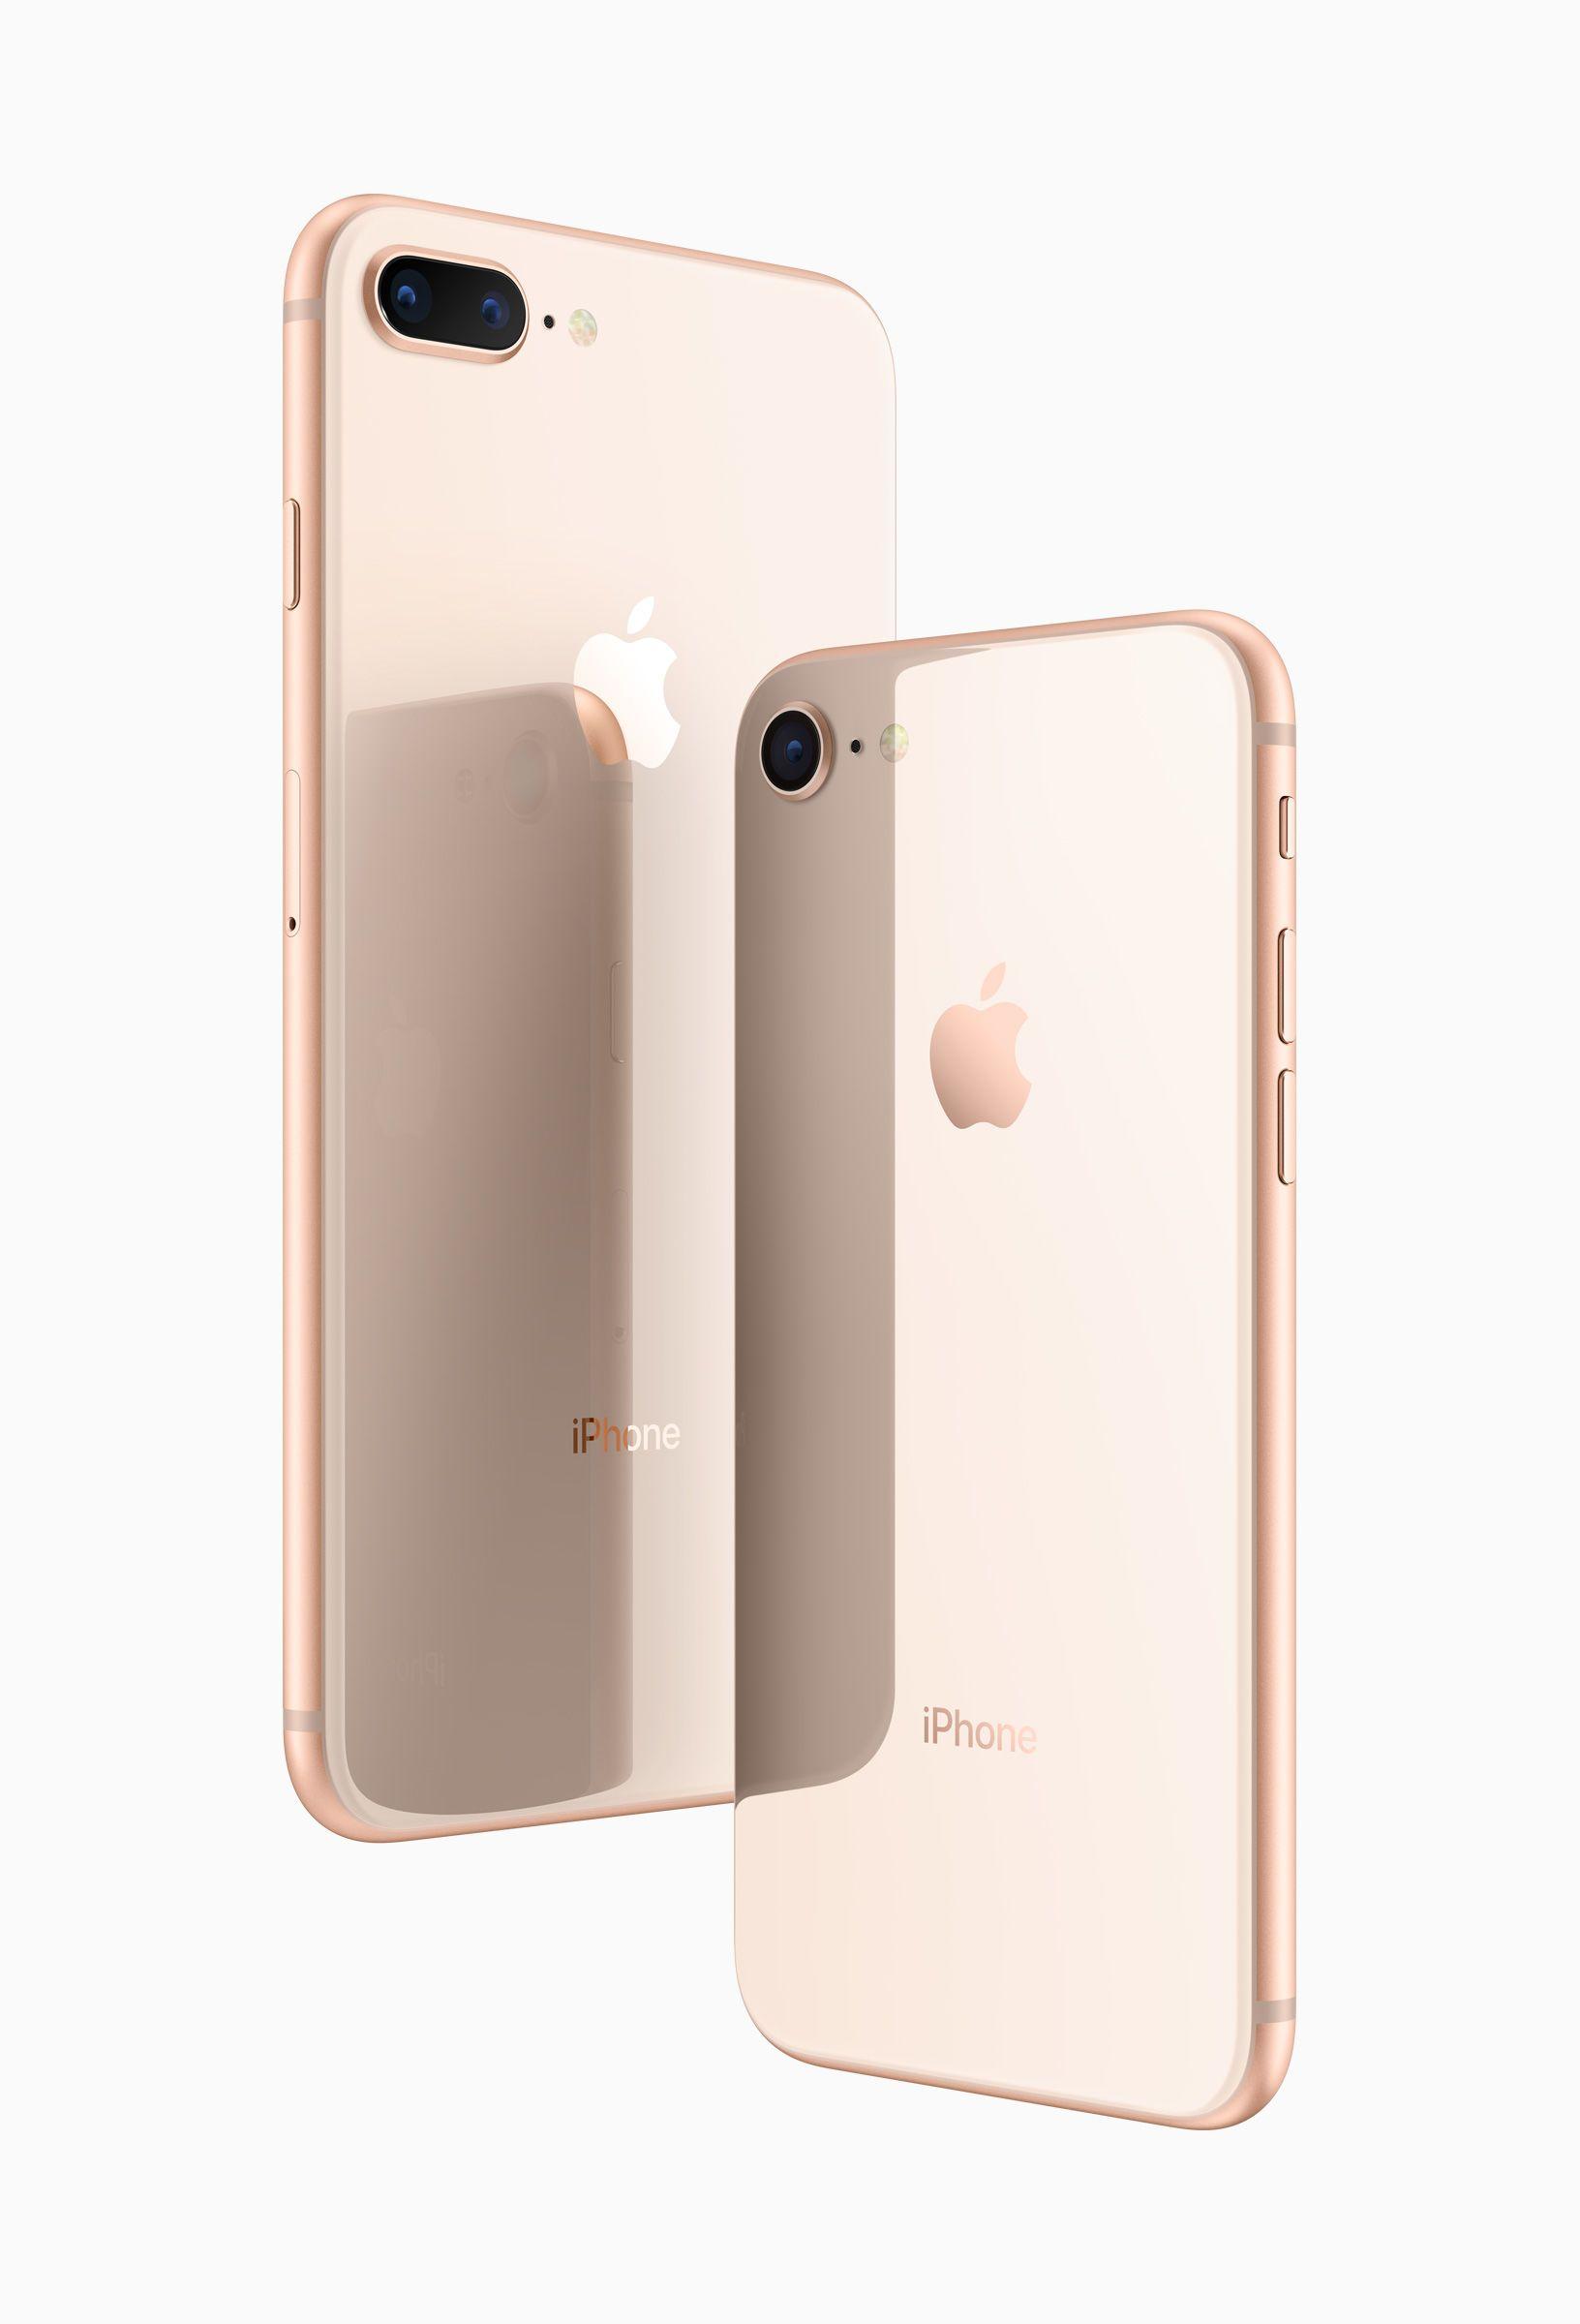 Iphone 8 Plus Colors White